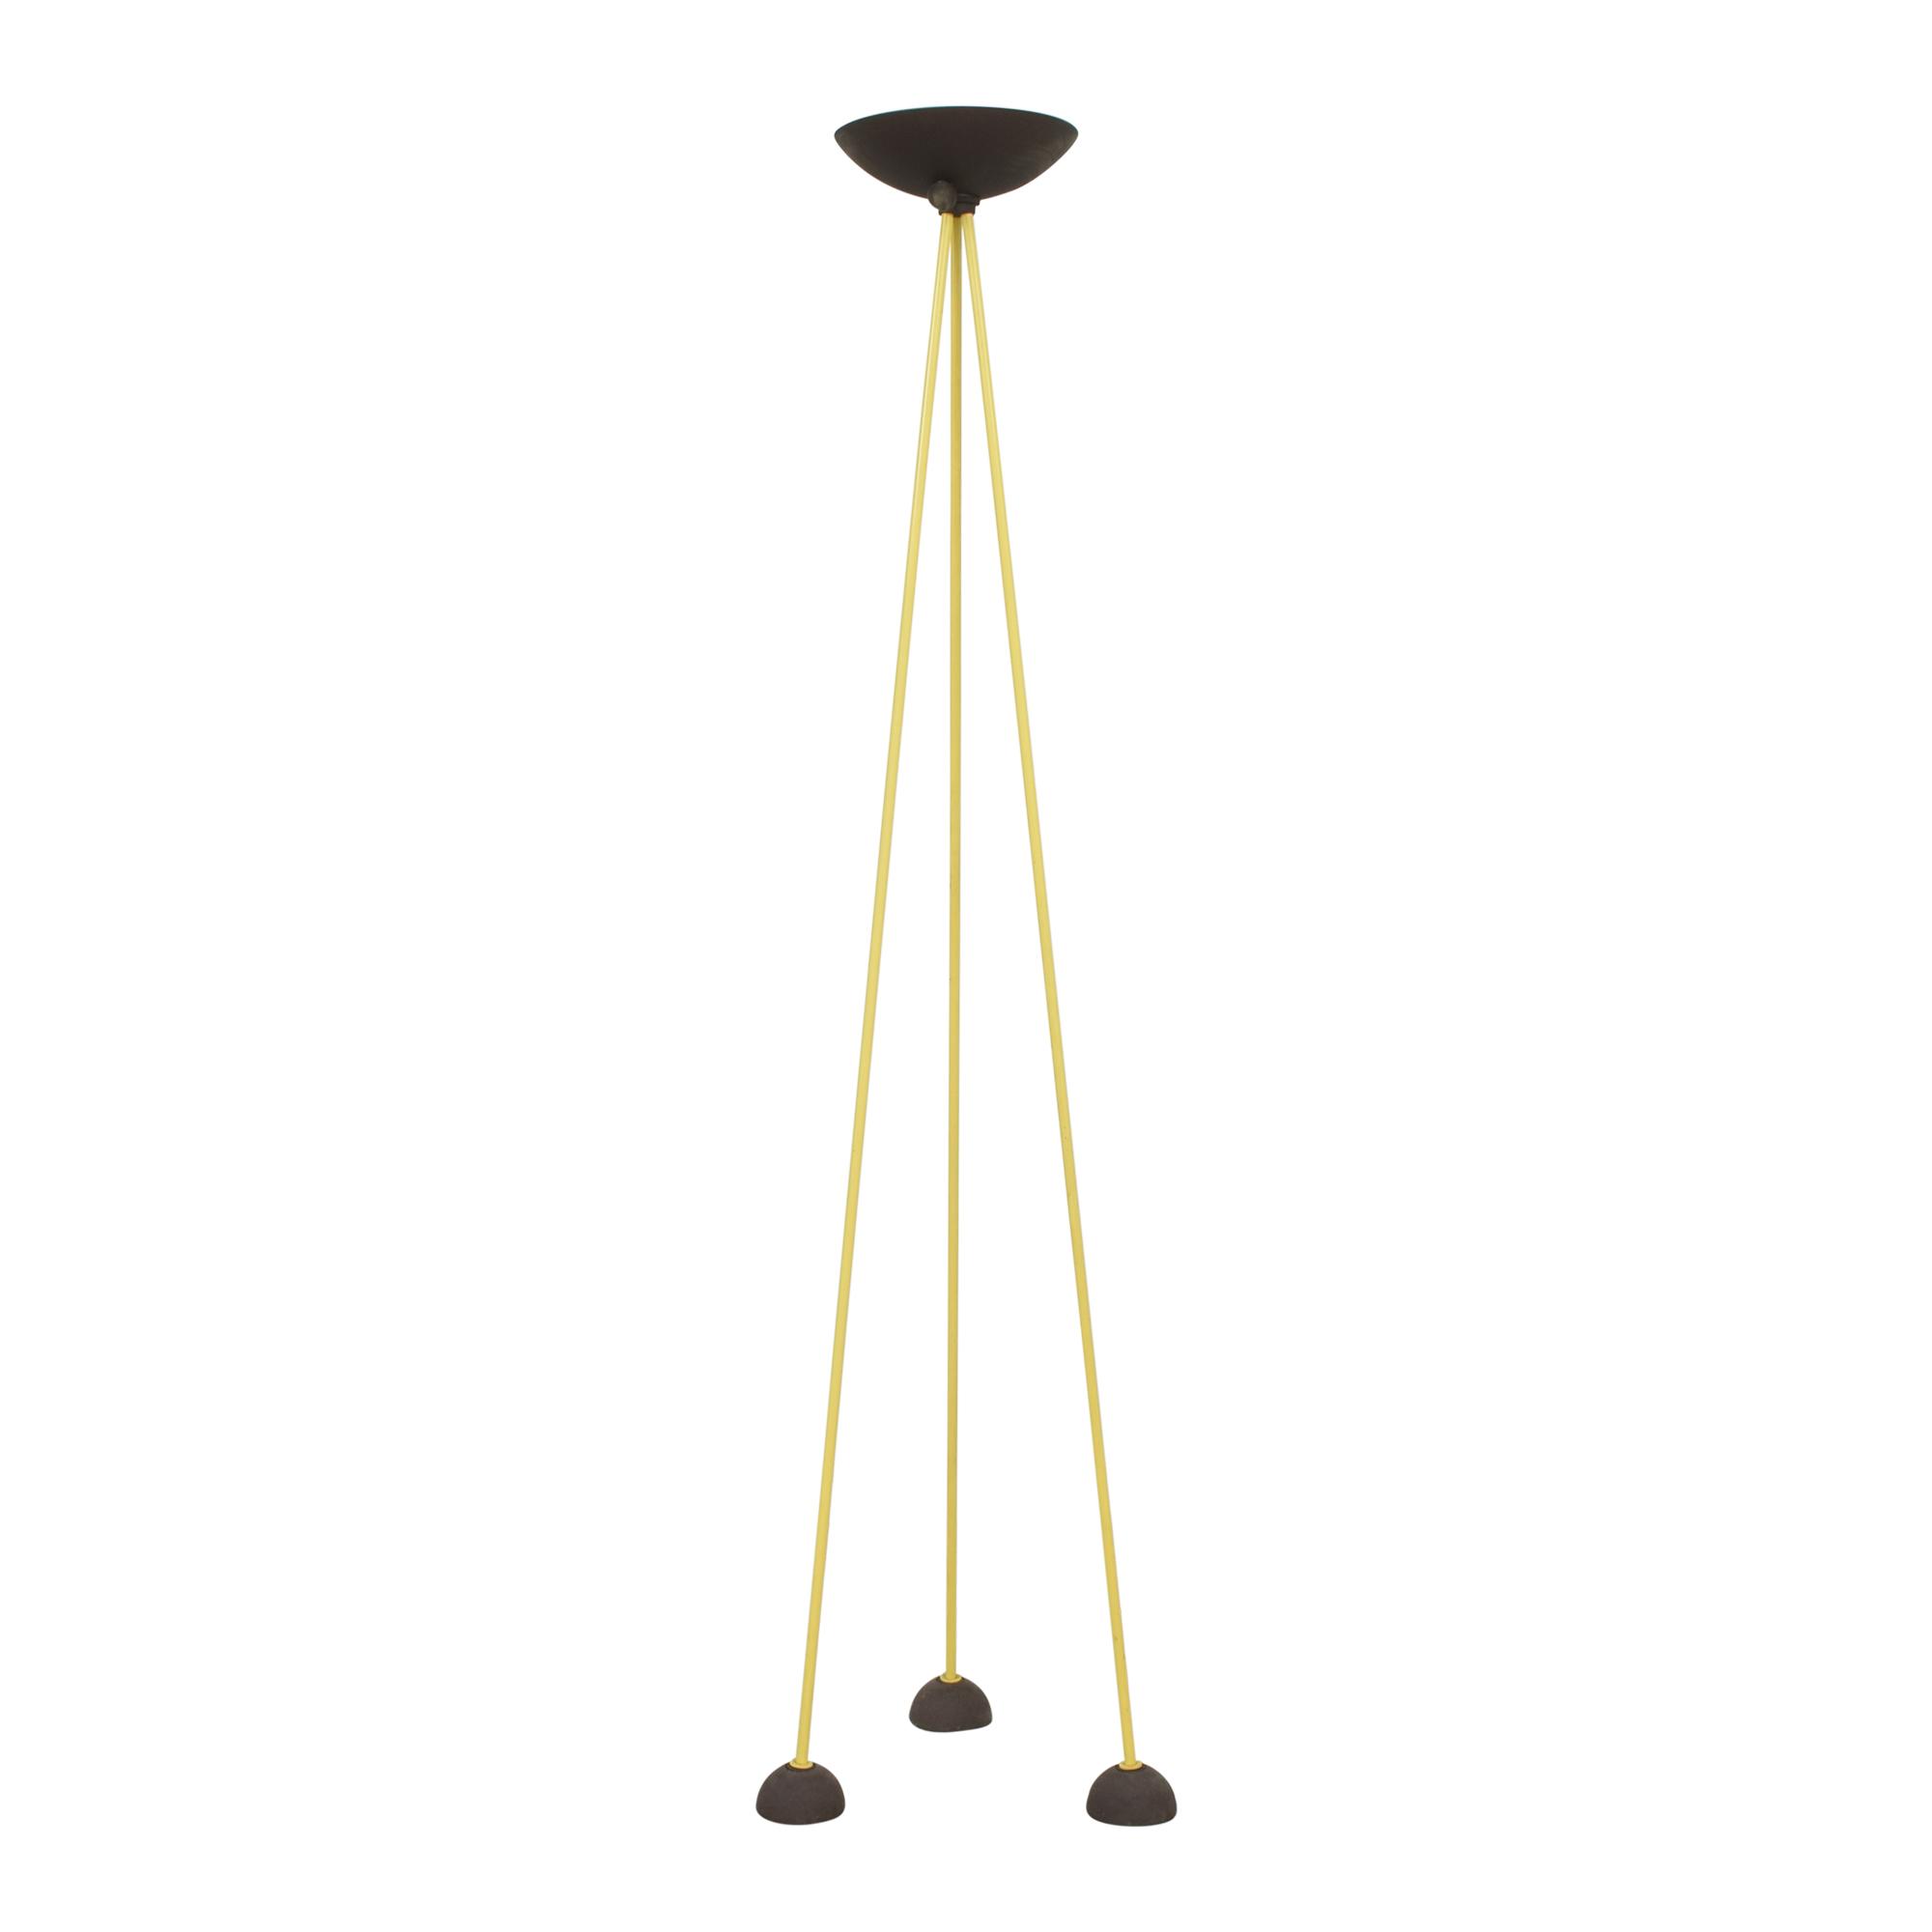 Koch & Lowy Koch & Lowy Torchiere Floor Tripod Lamp nj